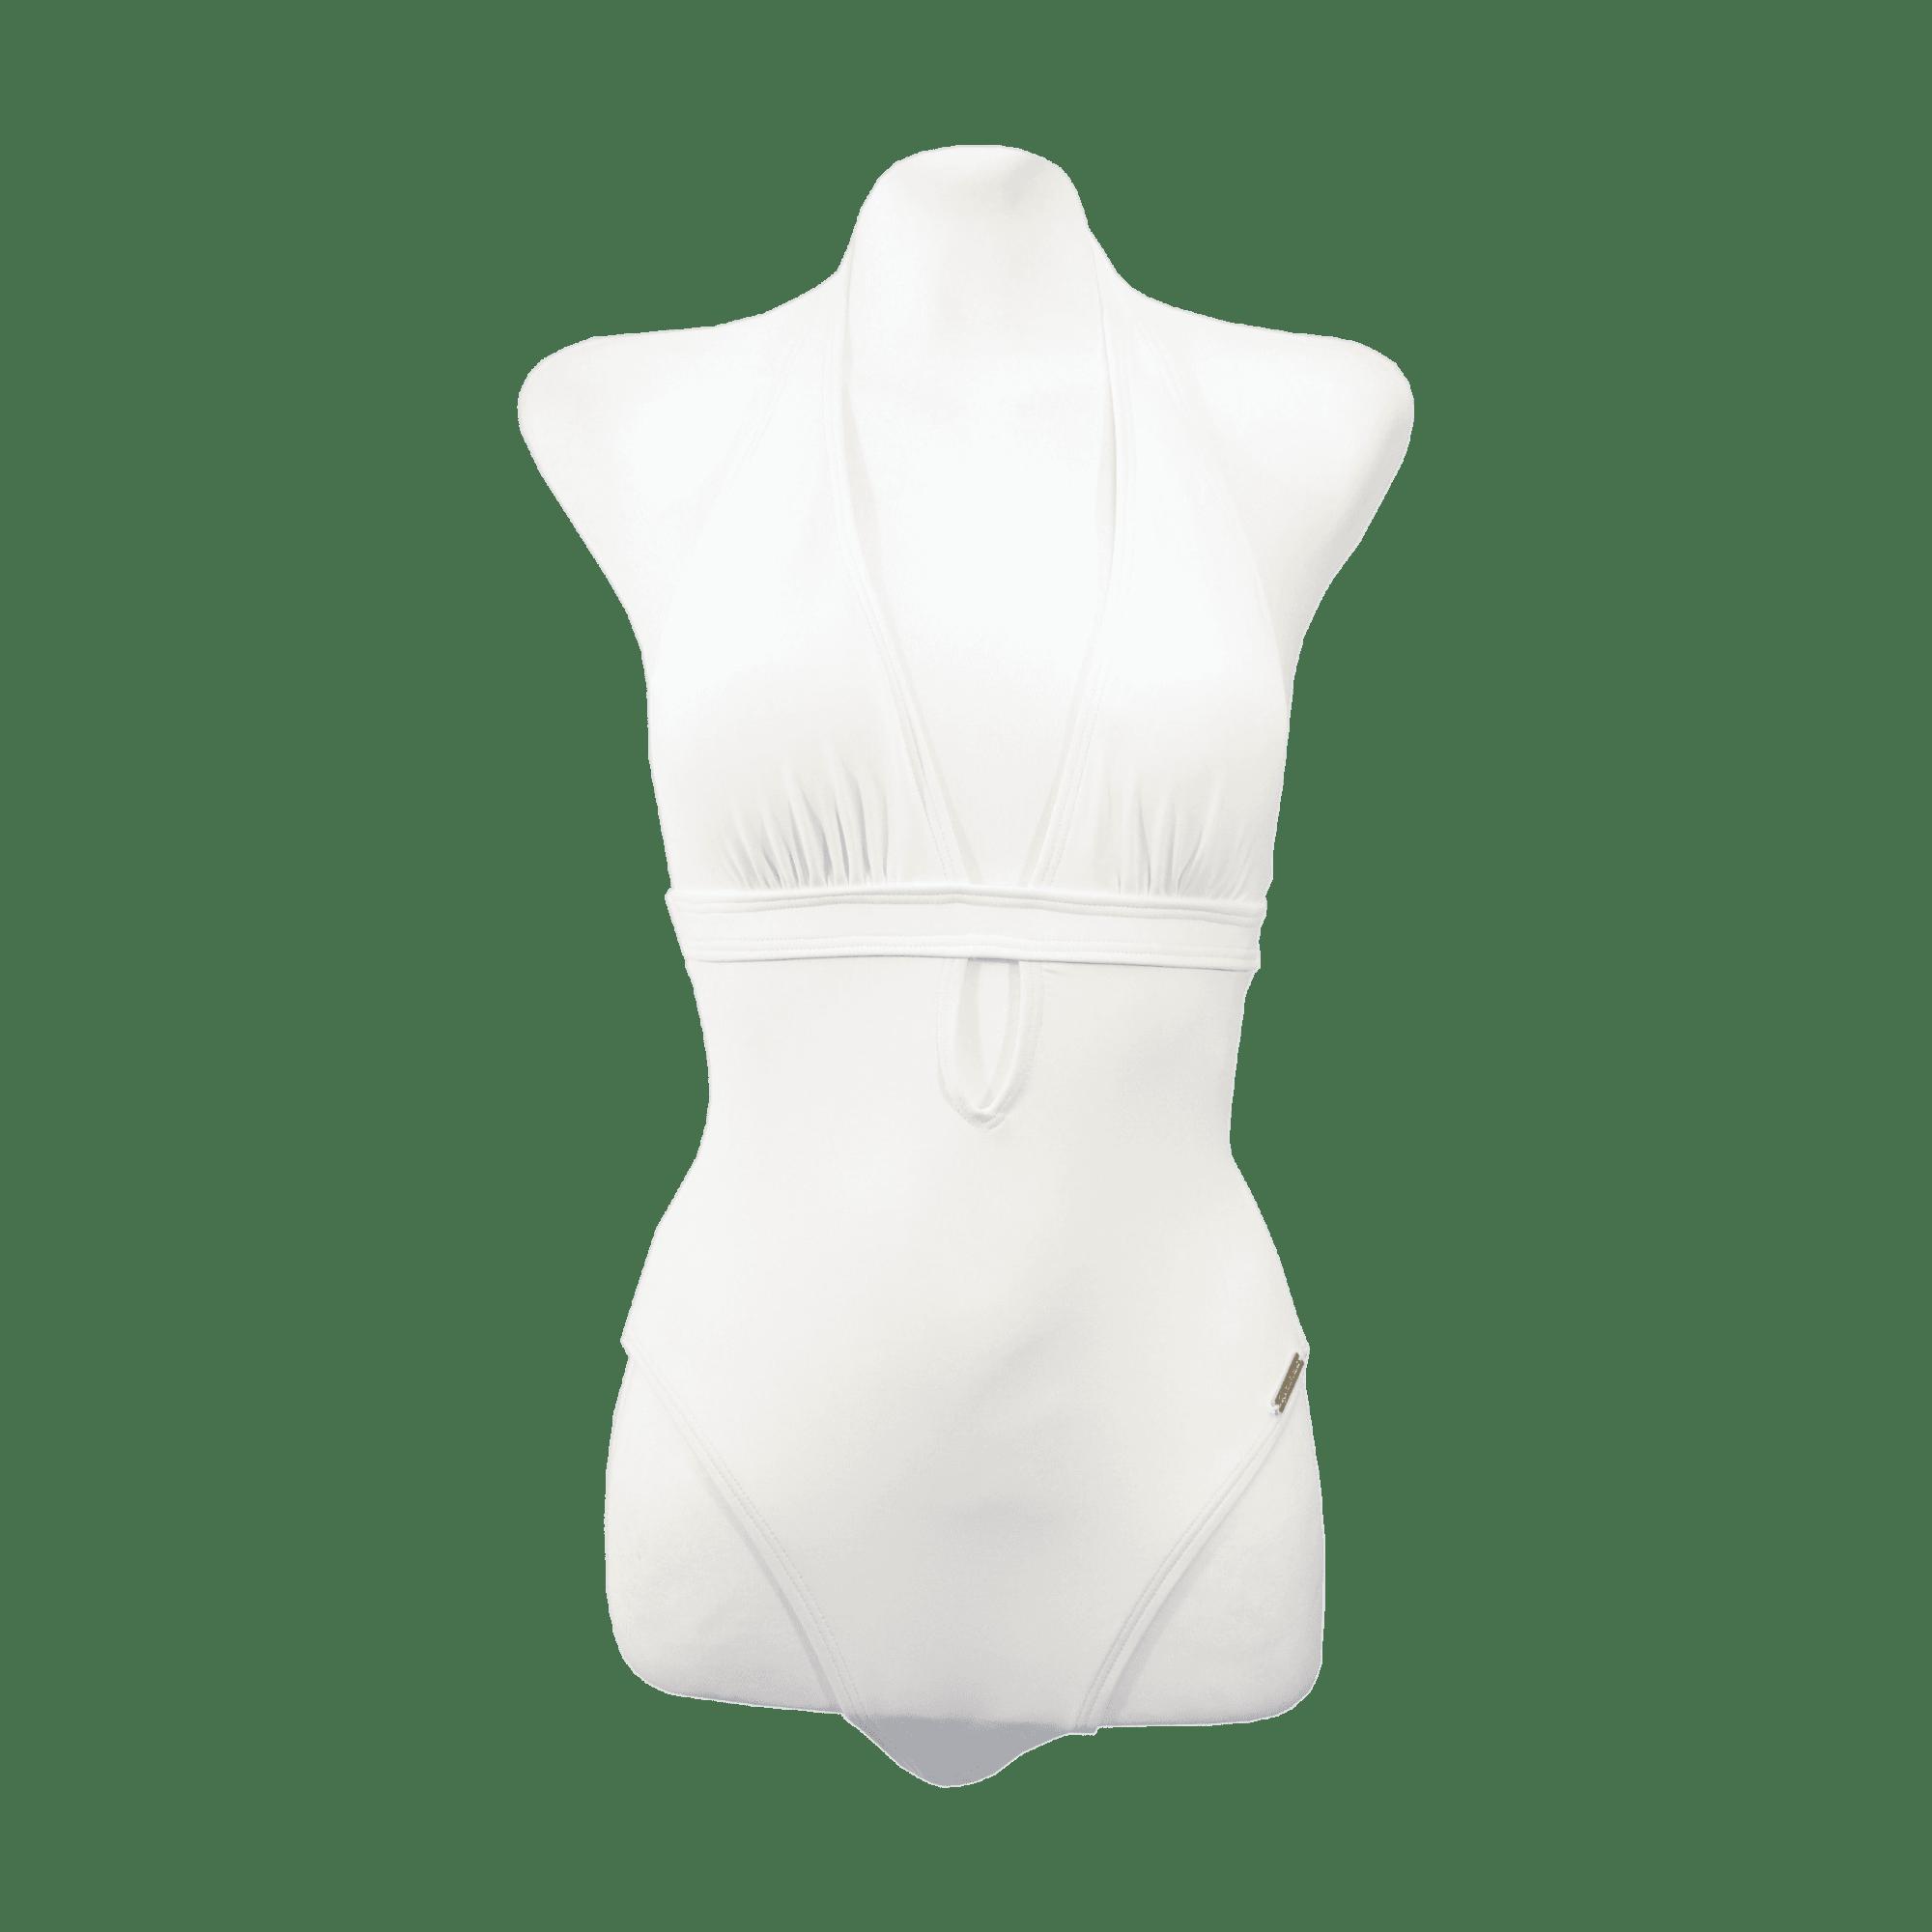 Maillot de bain une-pièce MICHAEL KORS Blanc, blanc cassé, écru